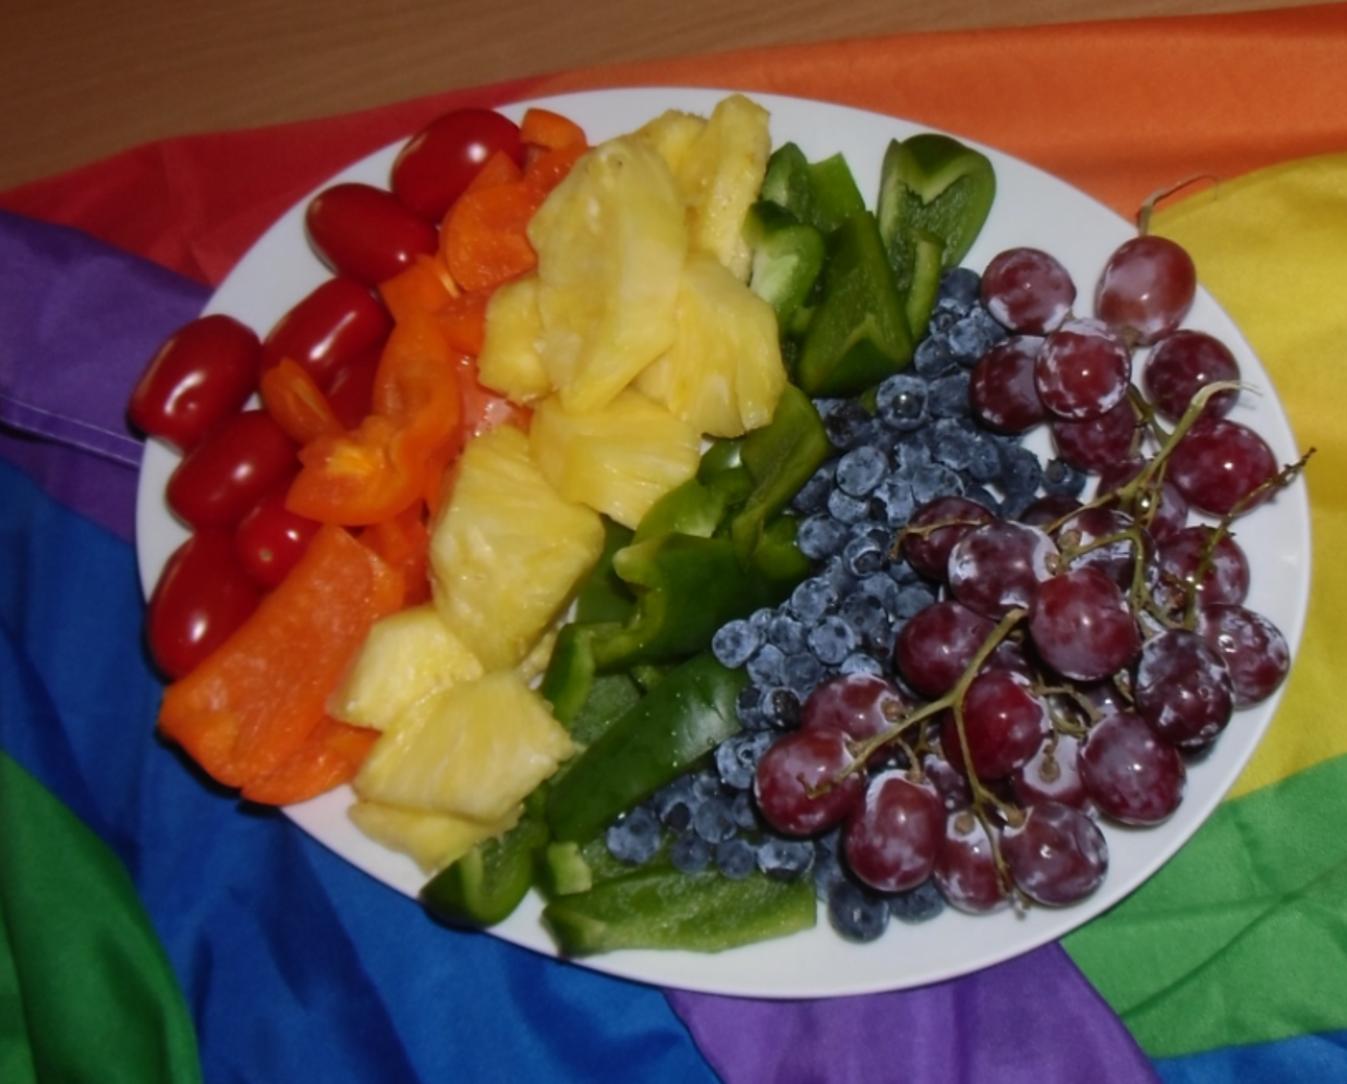 Obst und Gemüse in Regenbogenfarben